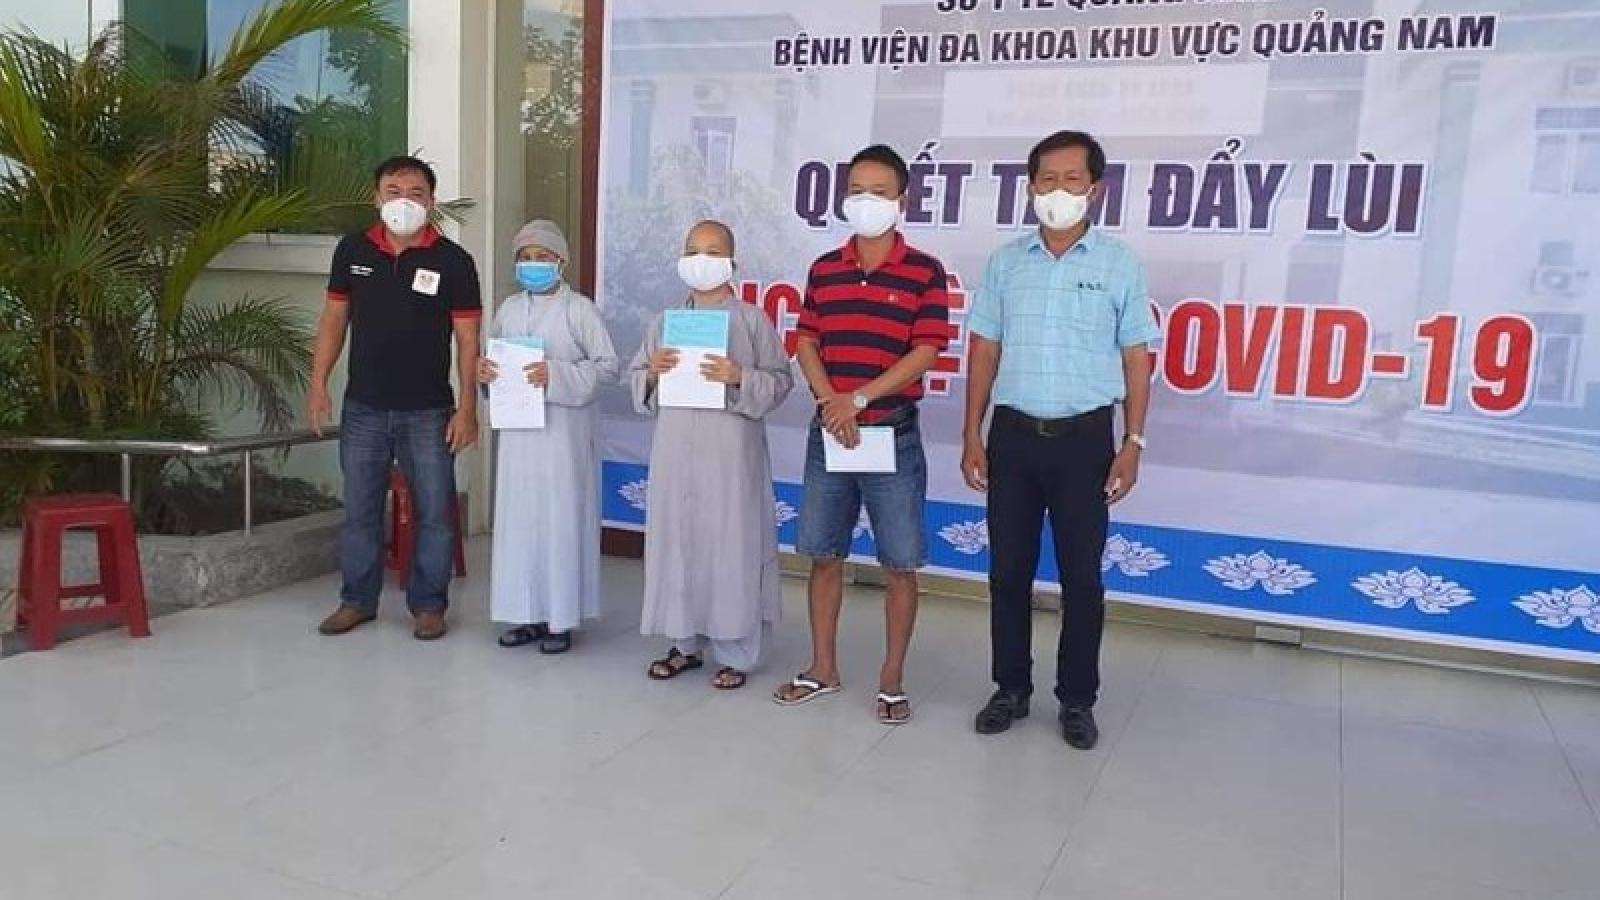 Bệnh nhân dương tính với SARS-CoV-2 trở lại sau 4 ngày xuất viện